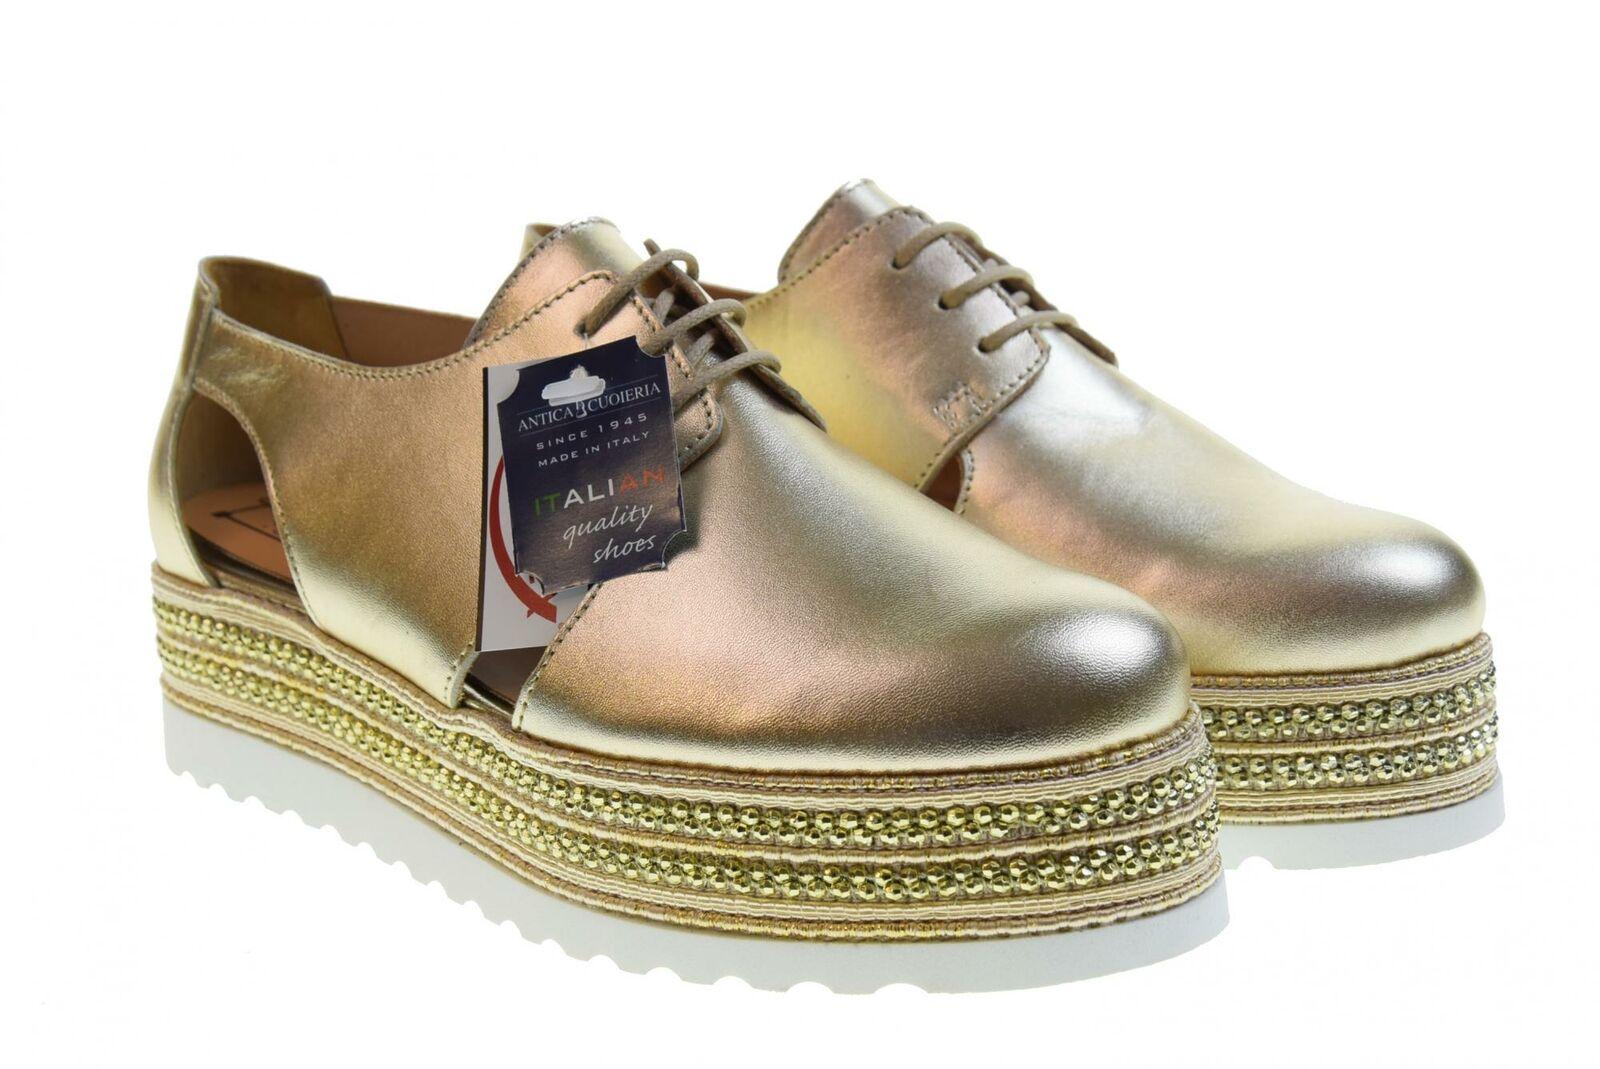 Antica Cuoieria P19s zapatos semiabiertos para mujer 20843-H-AL2 PLATINUM